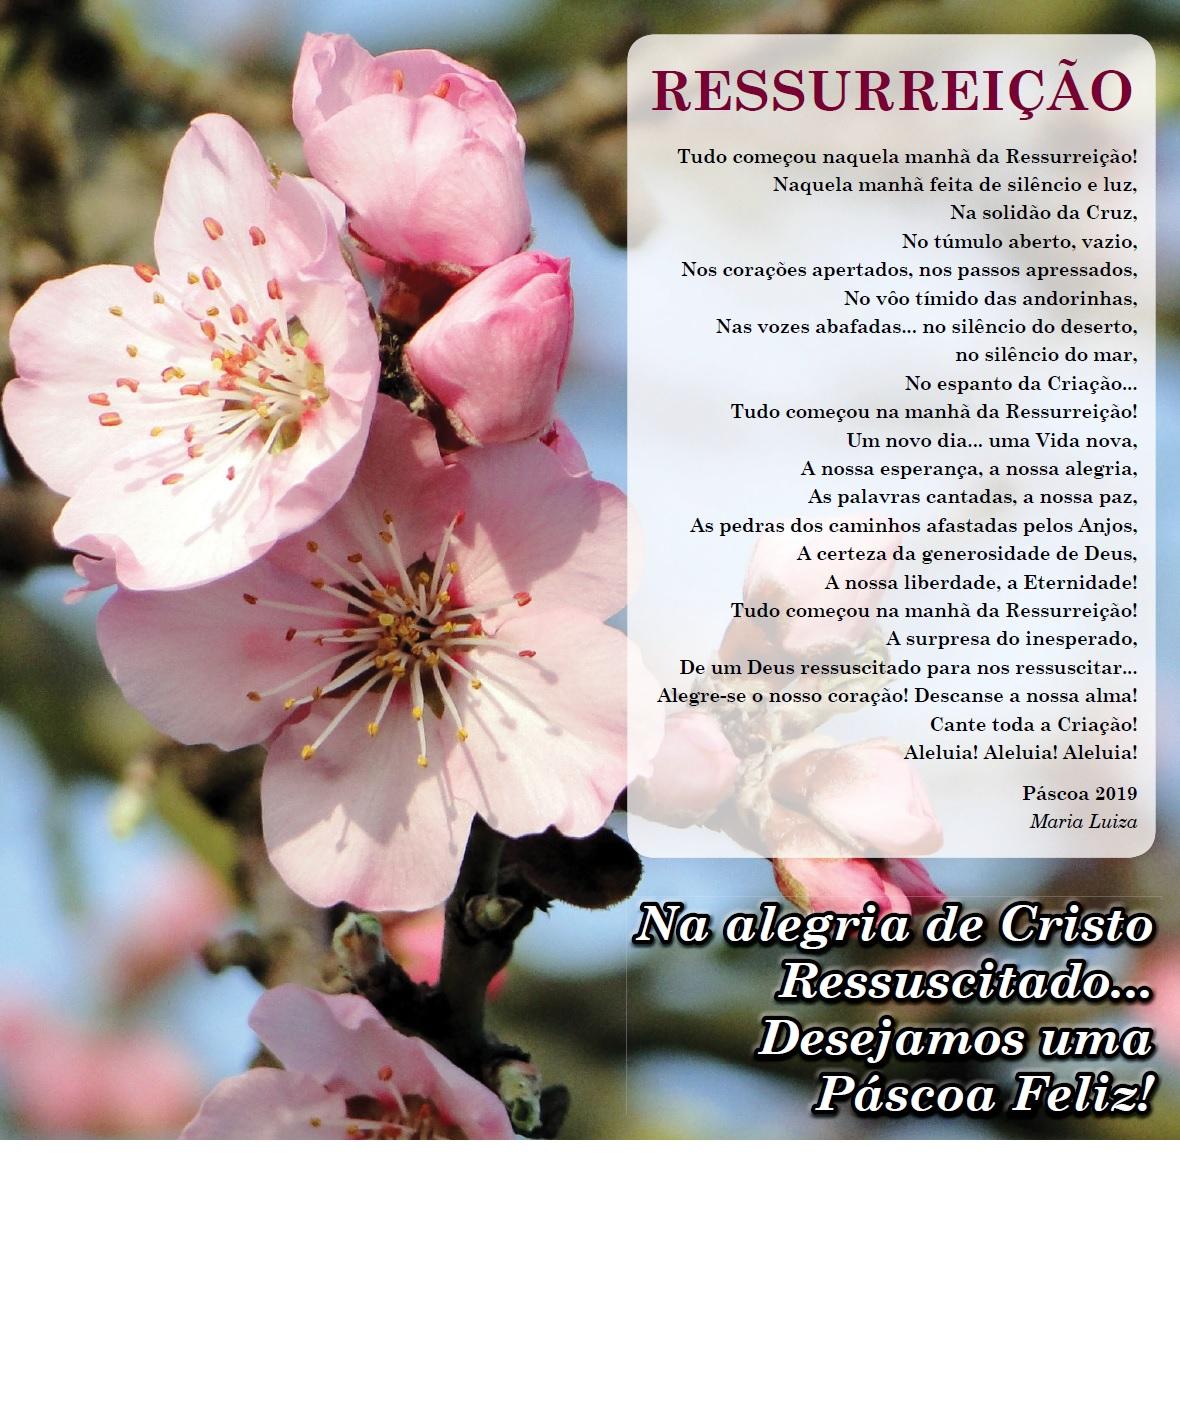 Santa Pascoa Poema 2019